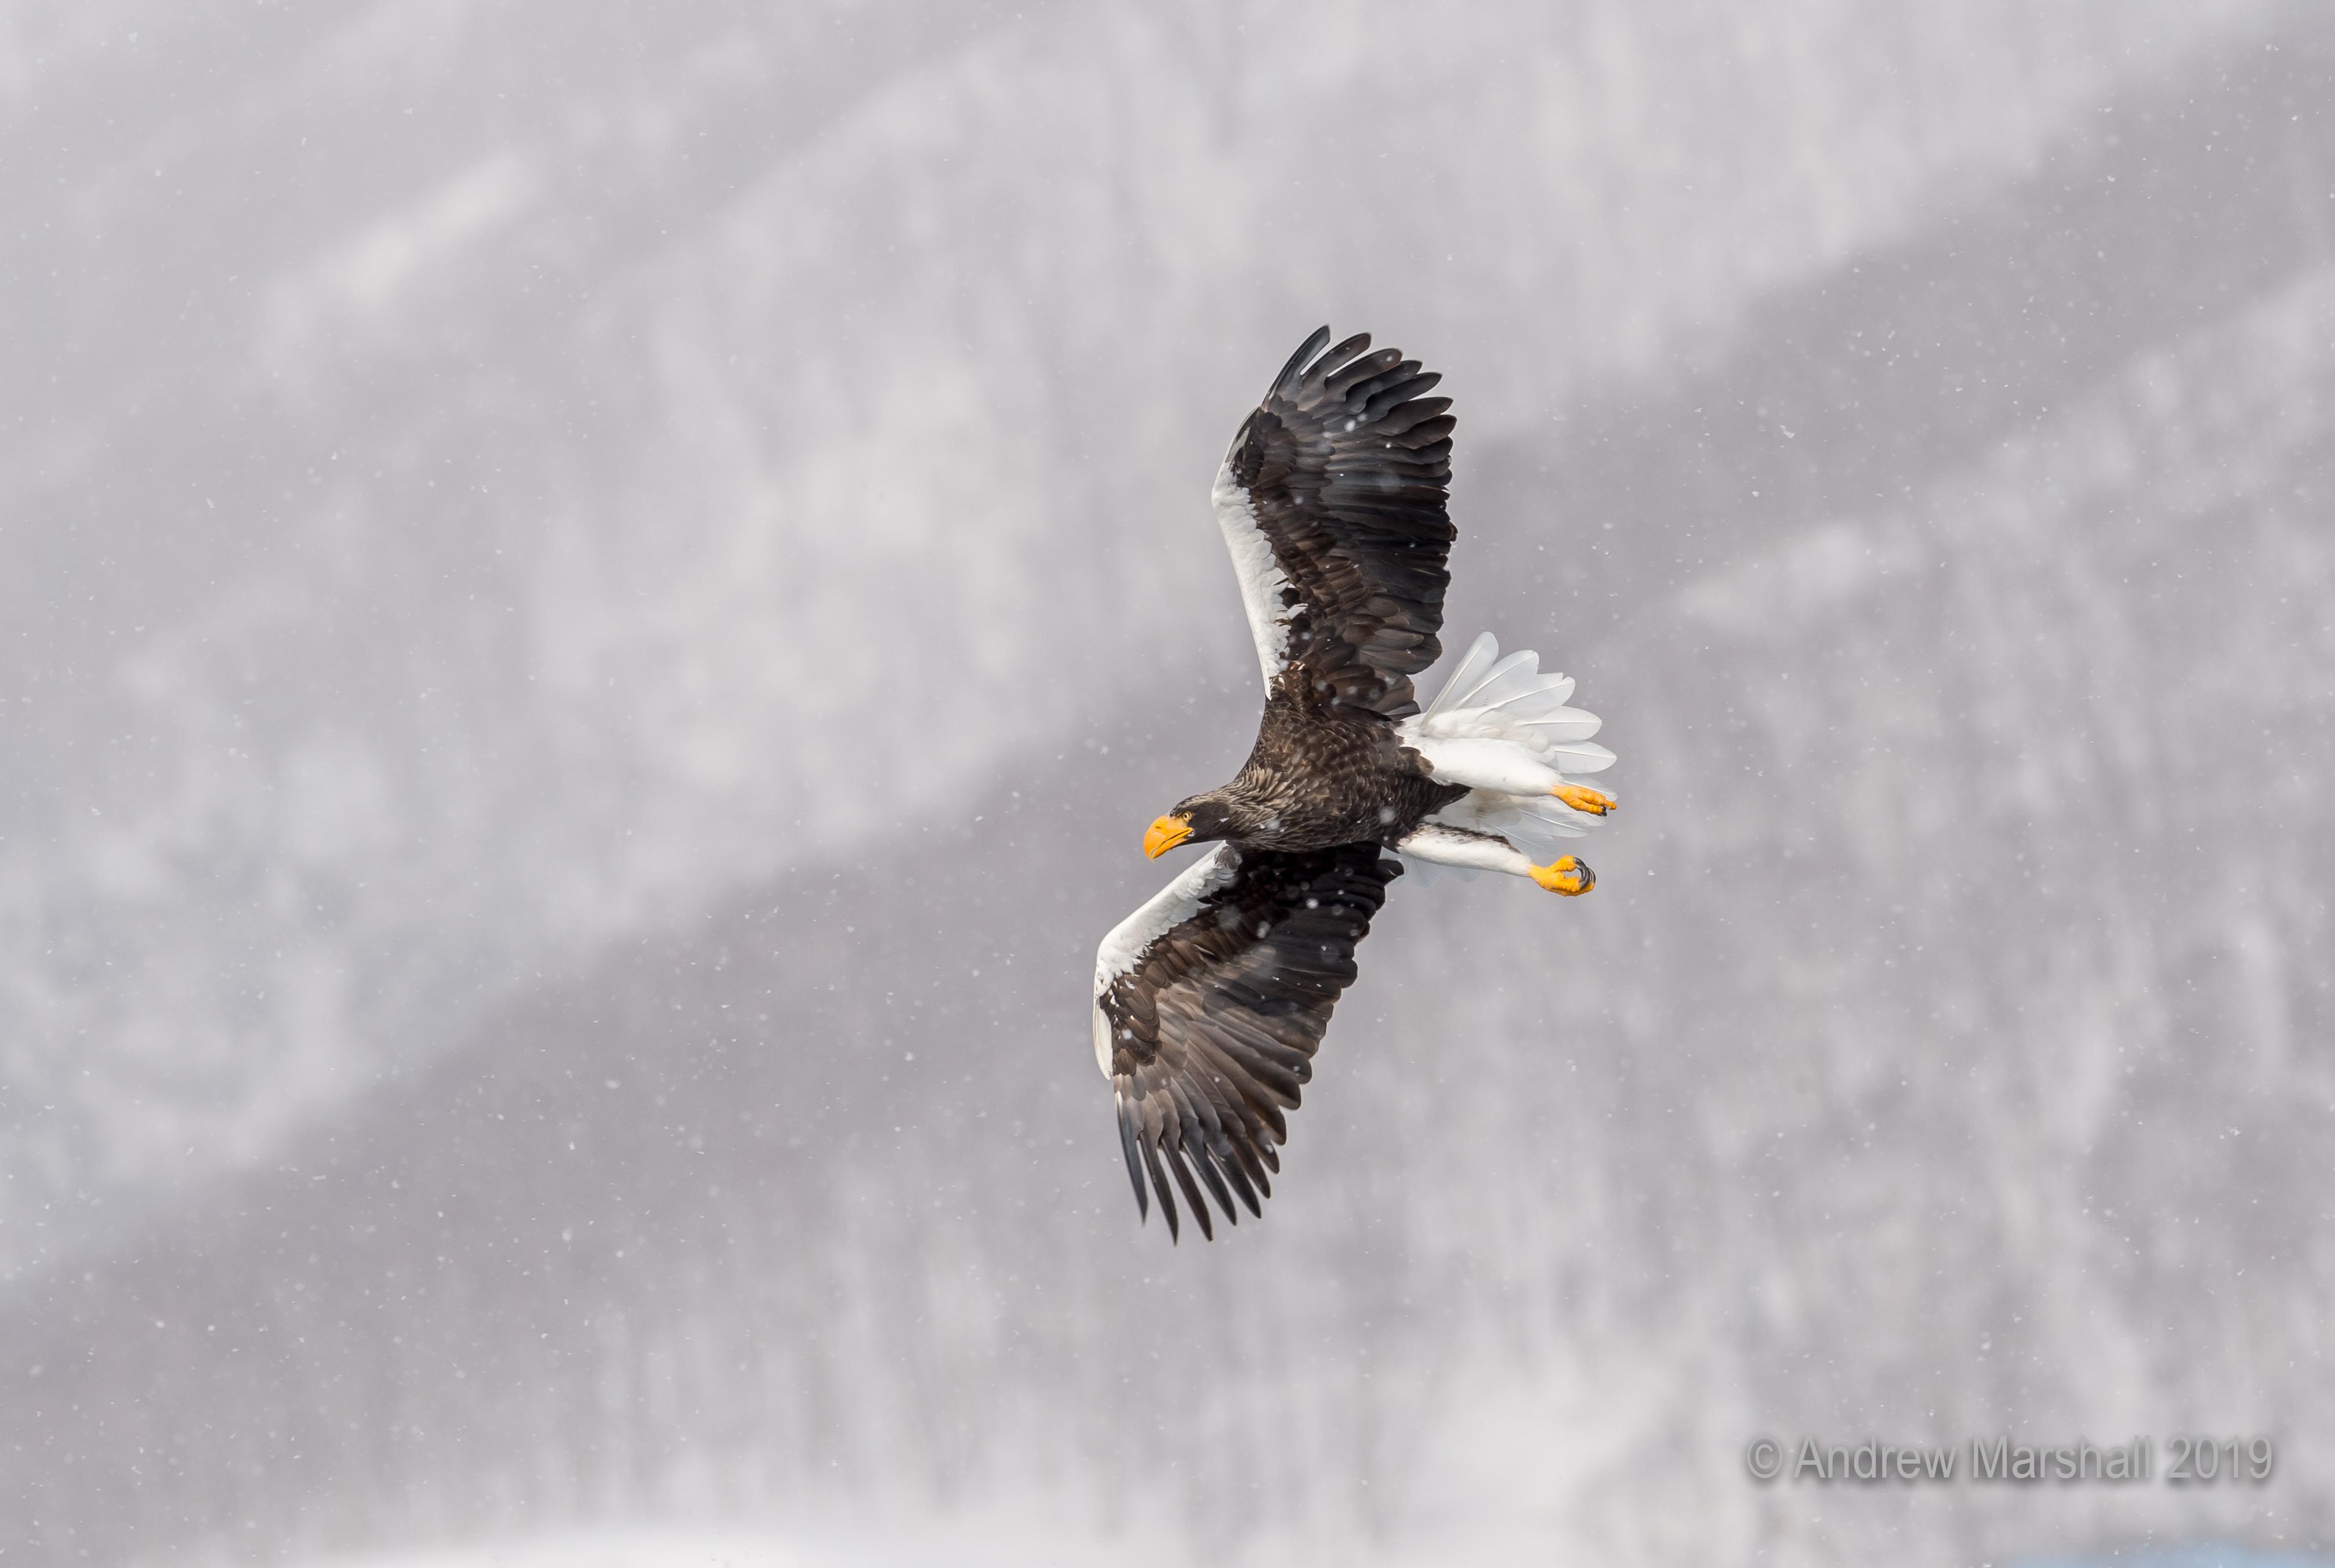 Stellar's sea eagle flying in snow